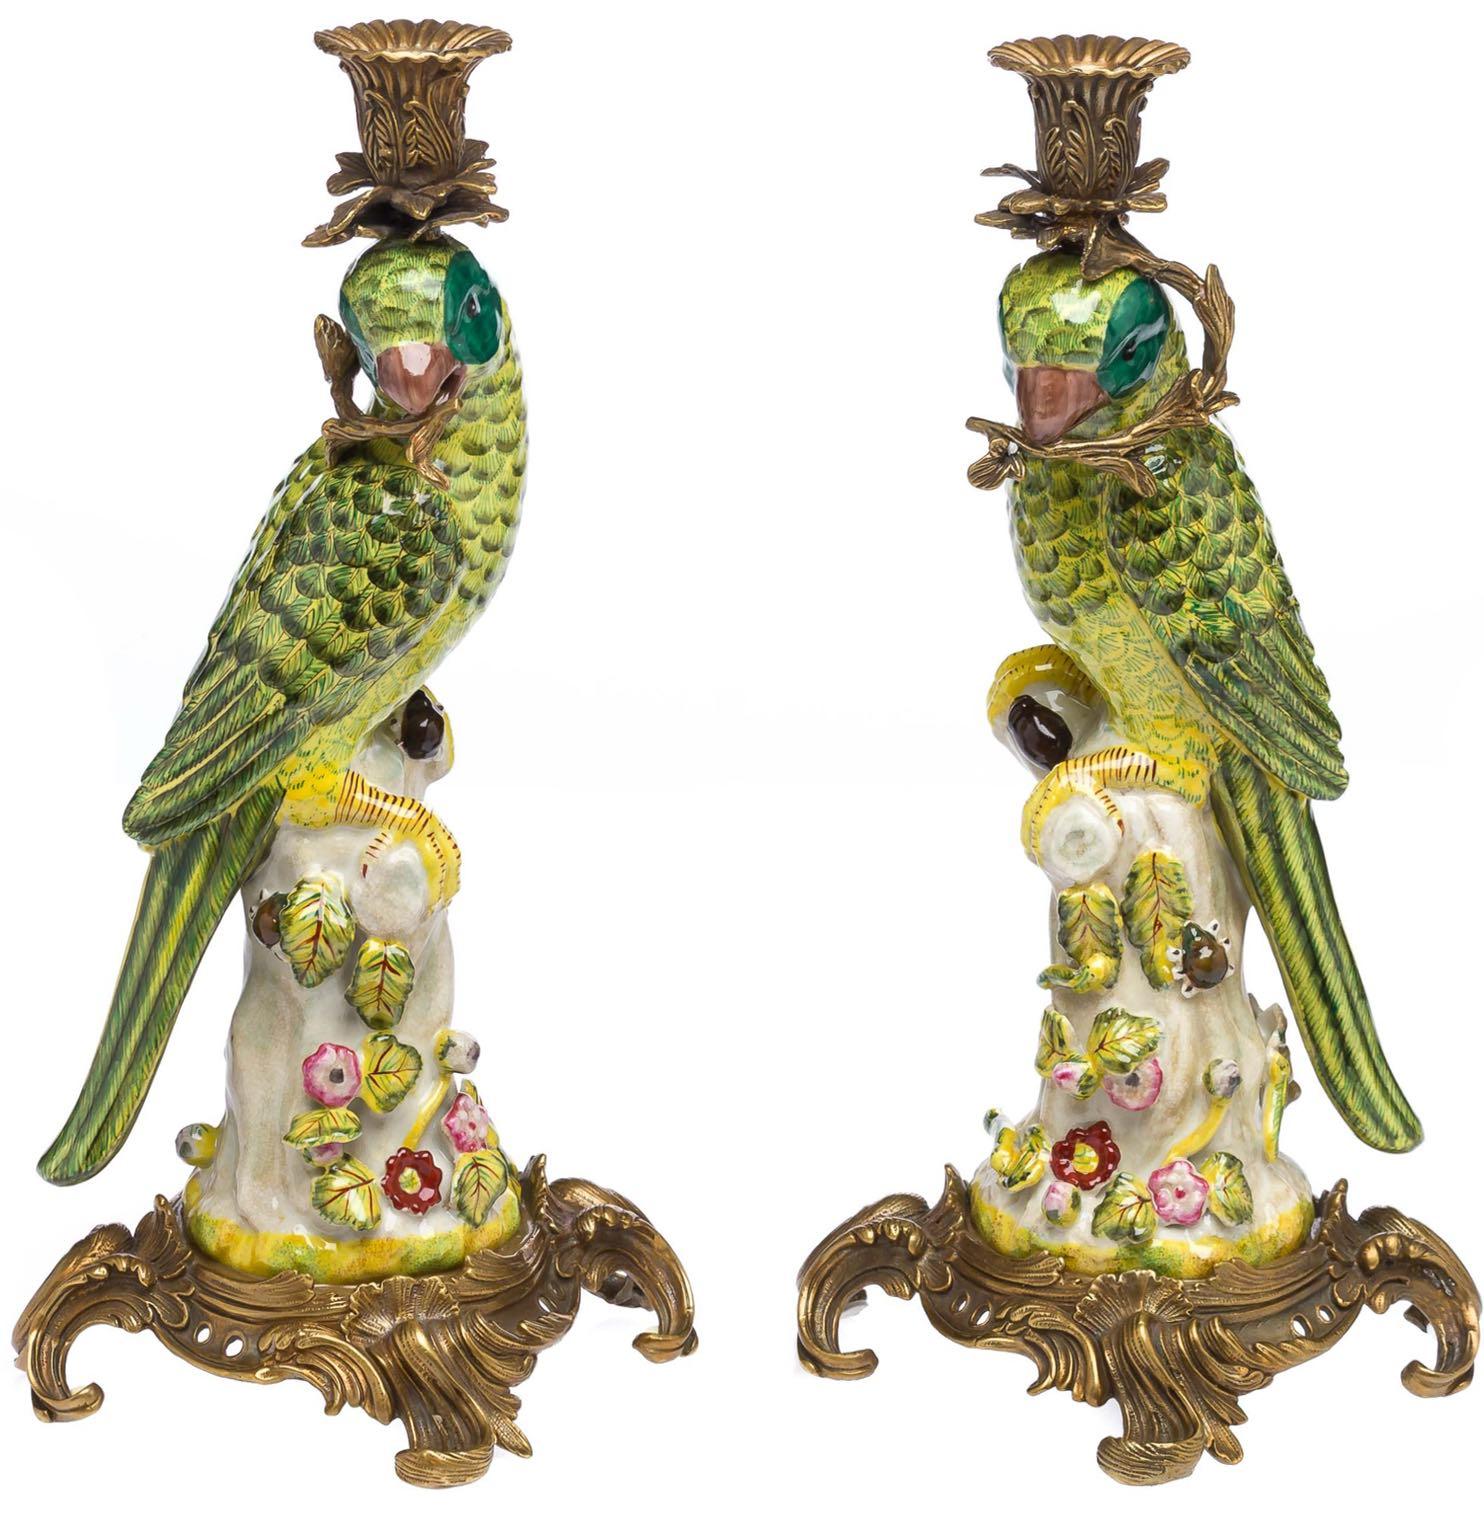 Papagei Kerzenständer Porzellan antik Stil Kerzenleuchter 37cm porcelain parrot